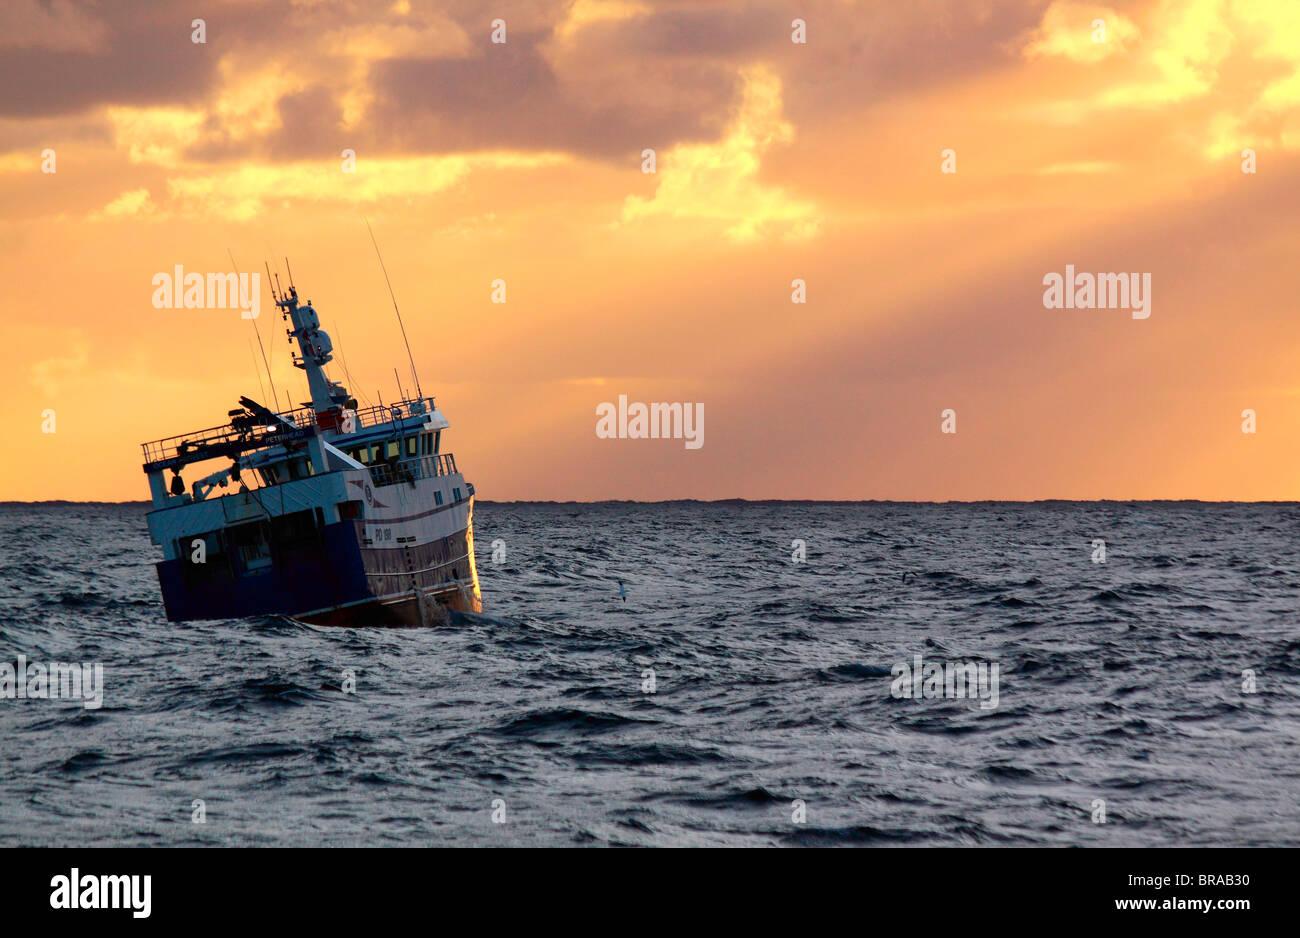 Trawler au coucher du soleil sur la mer du Nord, septembre 2009. Parution de la propriété. Banque D'Images